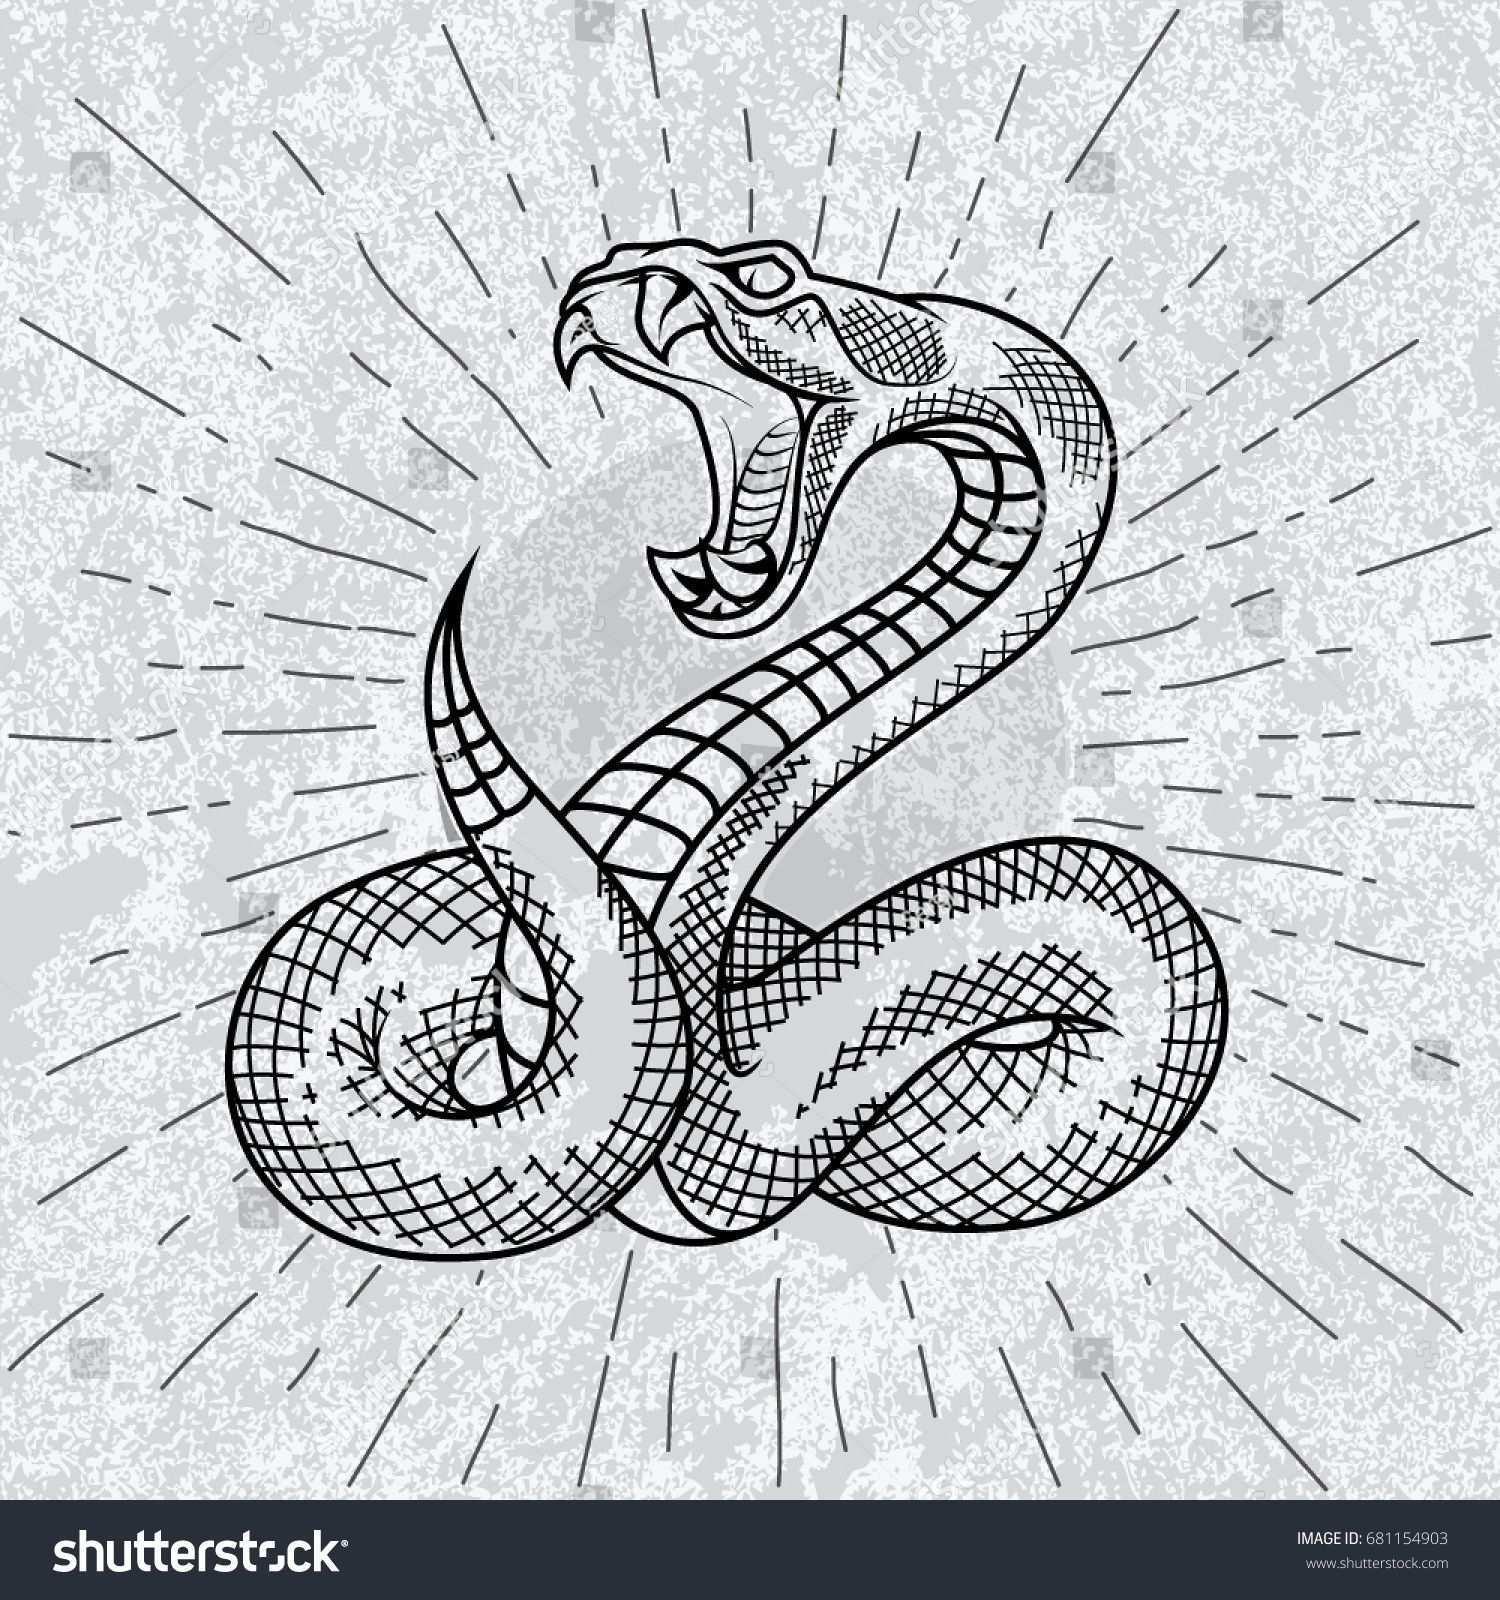 Viper Snake Hand Drawn Illustration In Outline Technique With Star Rays And Grunge Background Schlange Tattoo Schlange Zeichnung Schlange Kunst